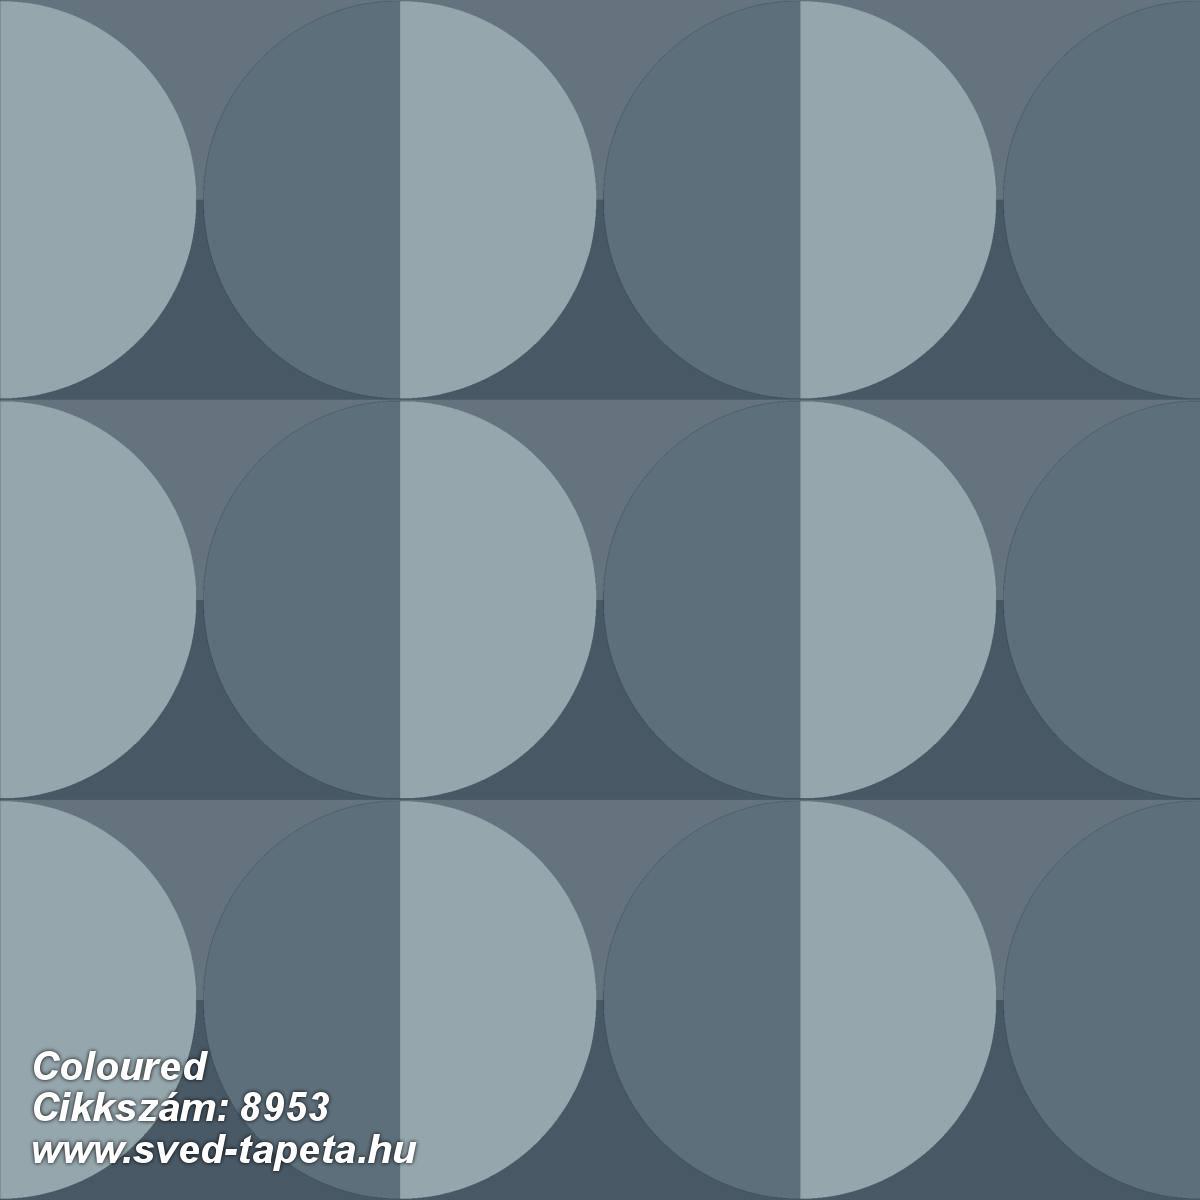 Coloured 8953 cikkszámú svéd ECOgyártmányú designtapéta